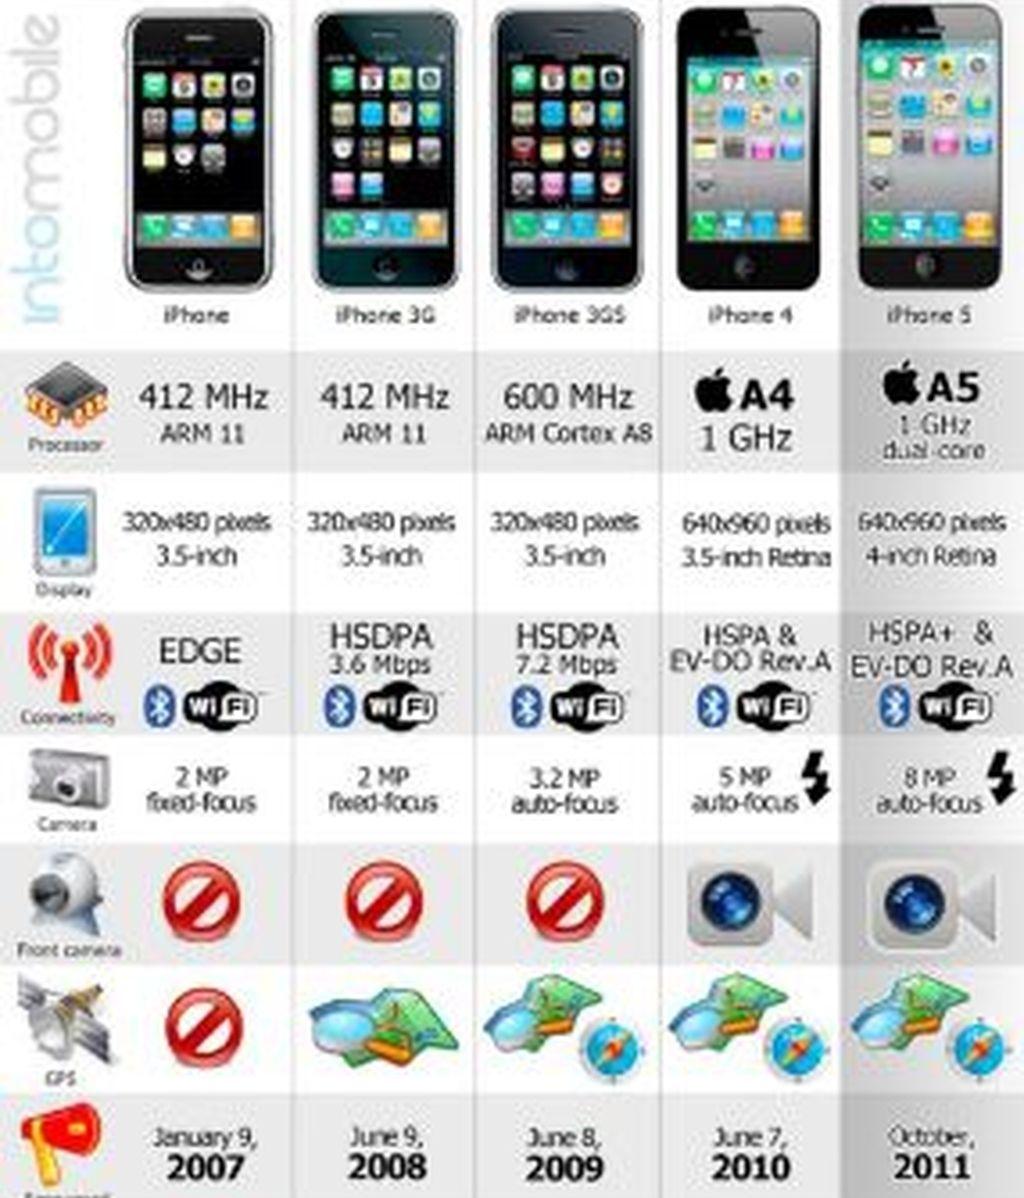 Apple ha introducido novedades constantemente en el dispositivo desde que en 2007 saliera el primer modelo. Una infografía permite ver y comparar los distintos modelos.